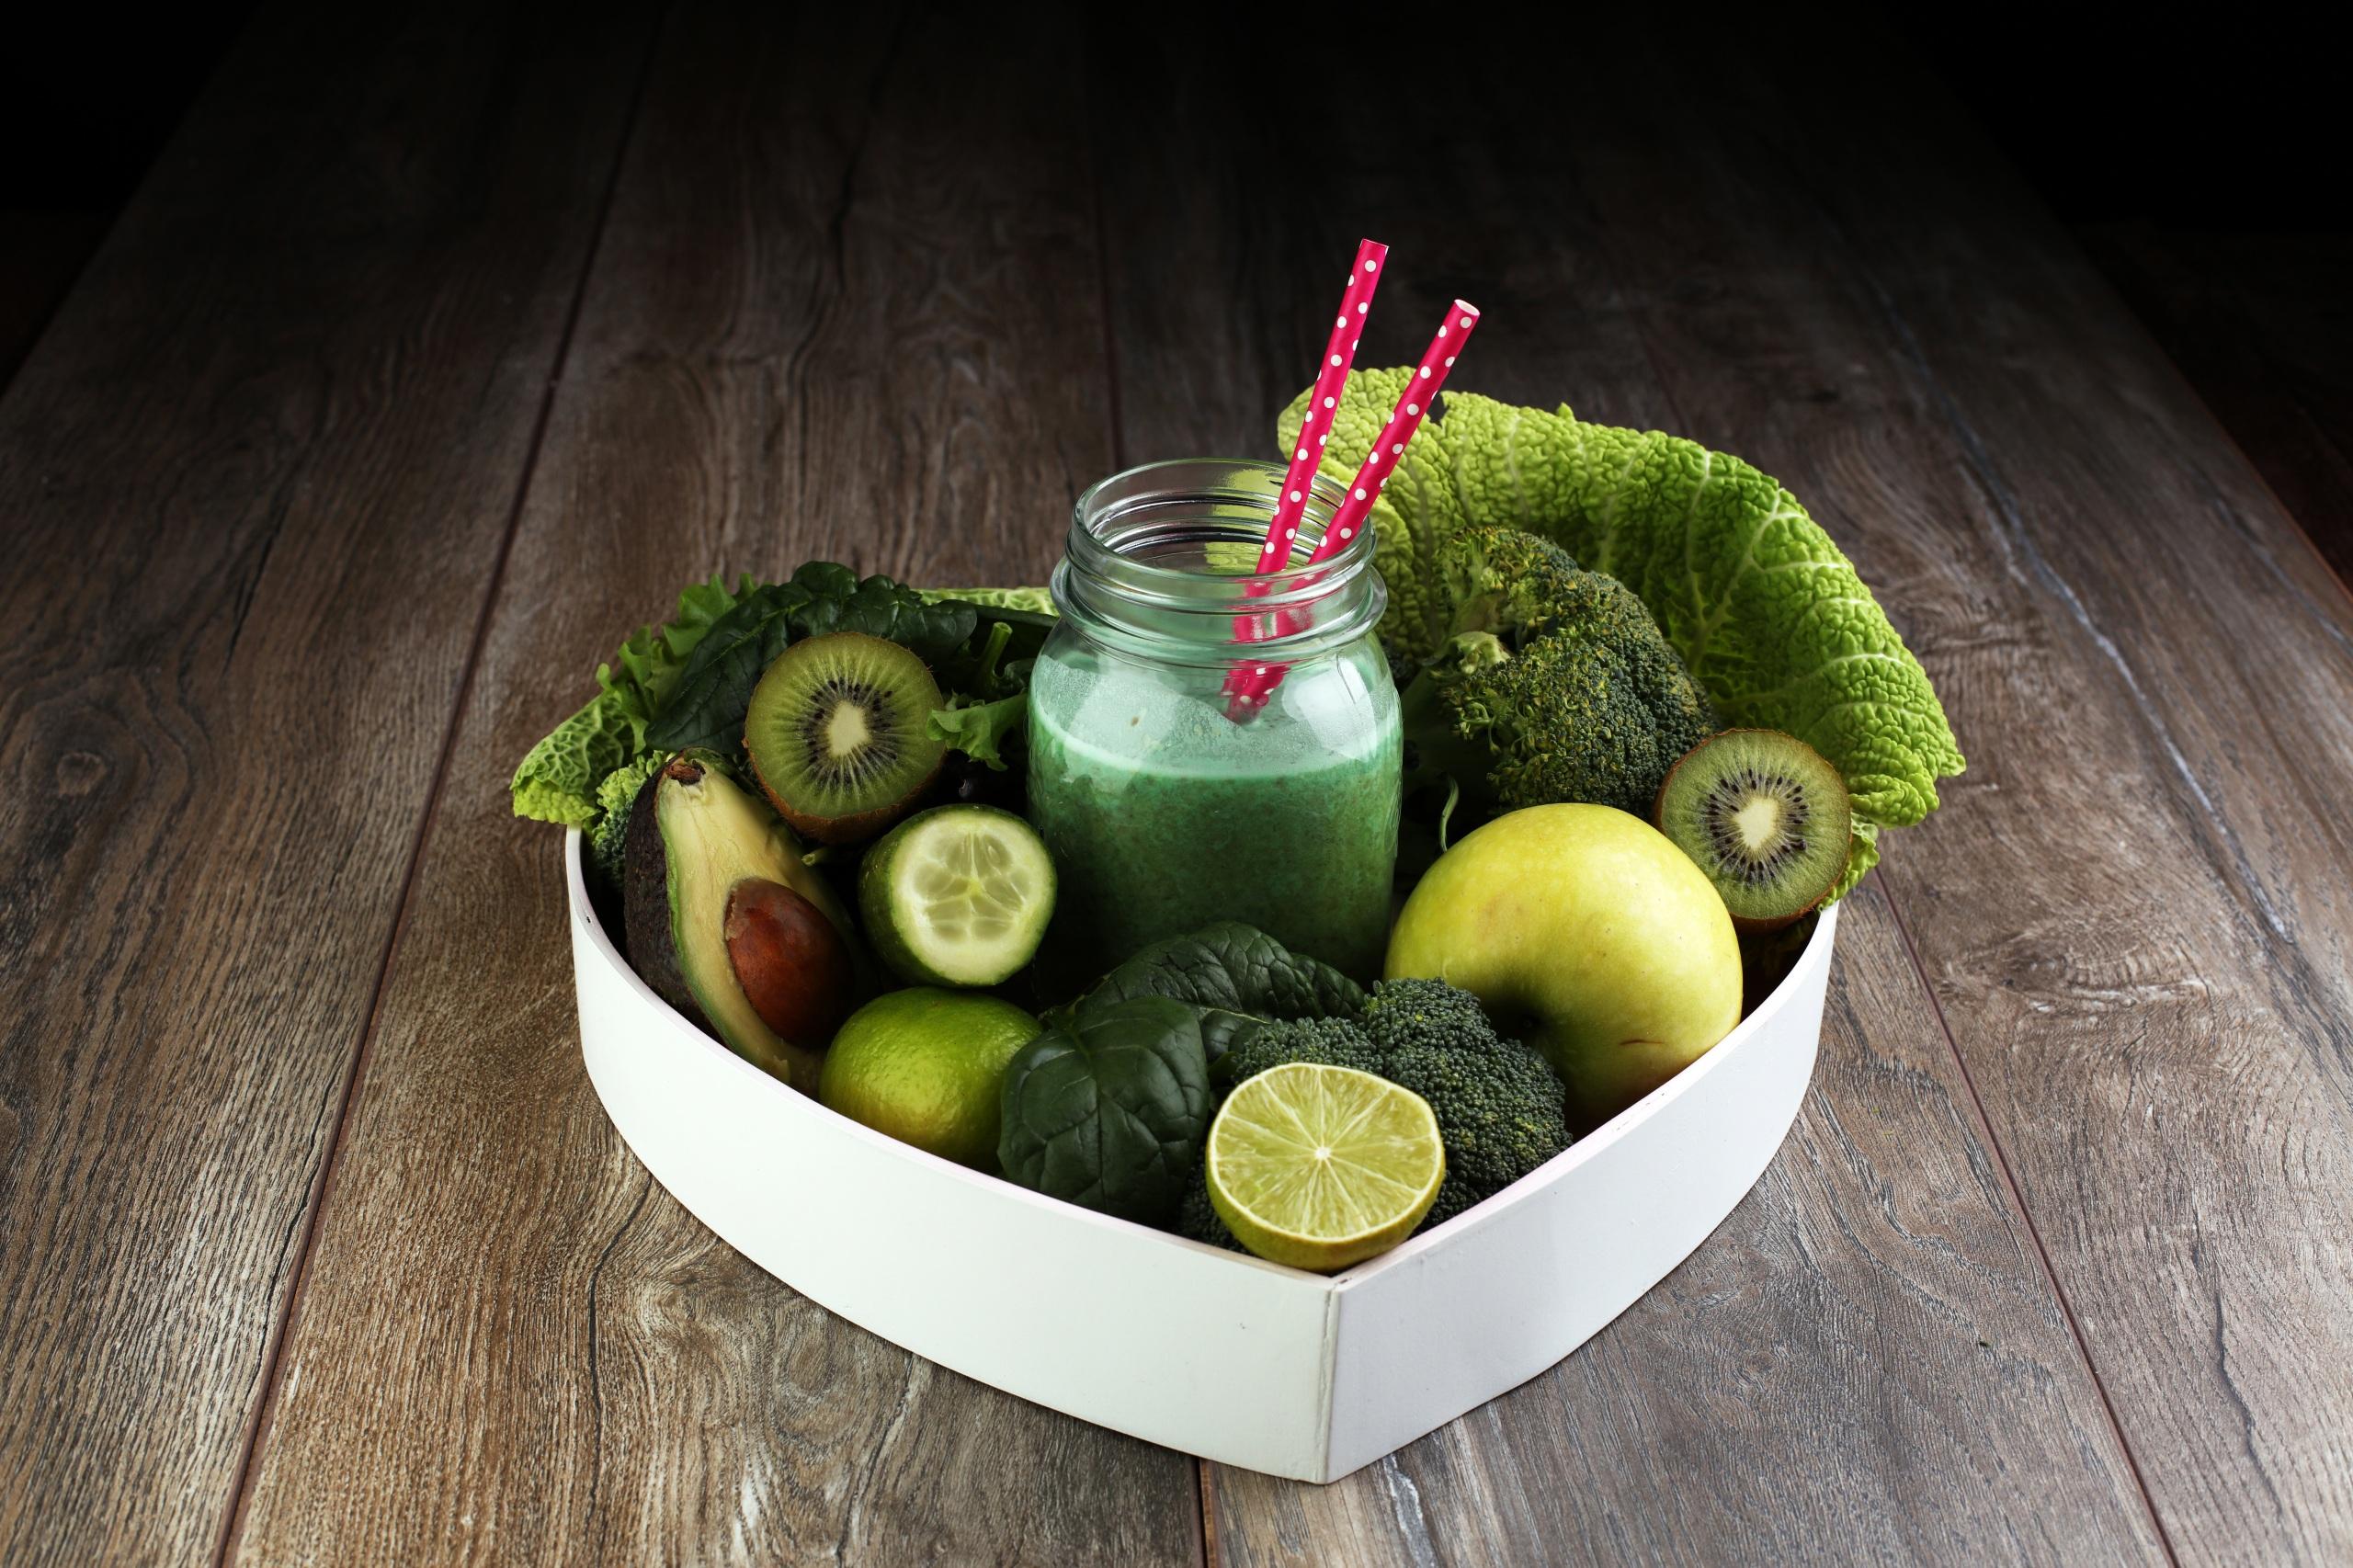 Фотография Овощи зеленых Банка Еда Смузи Фрукты Доски 2560x1706 Зеленый зеленые зеленая банки банке Пища Продукты питания